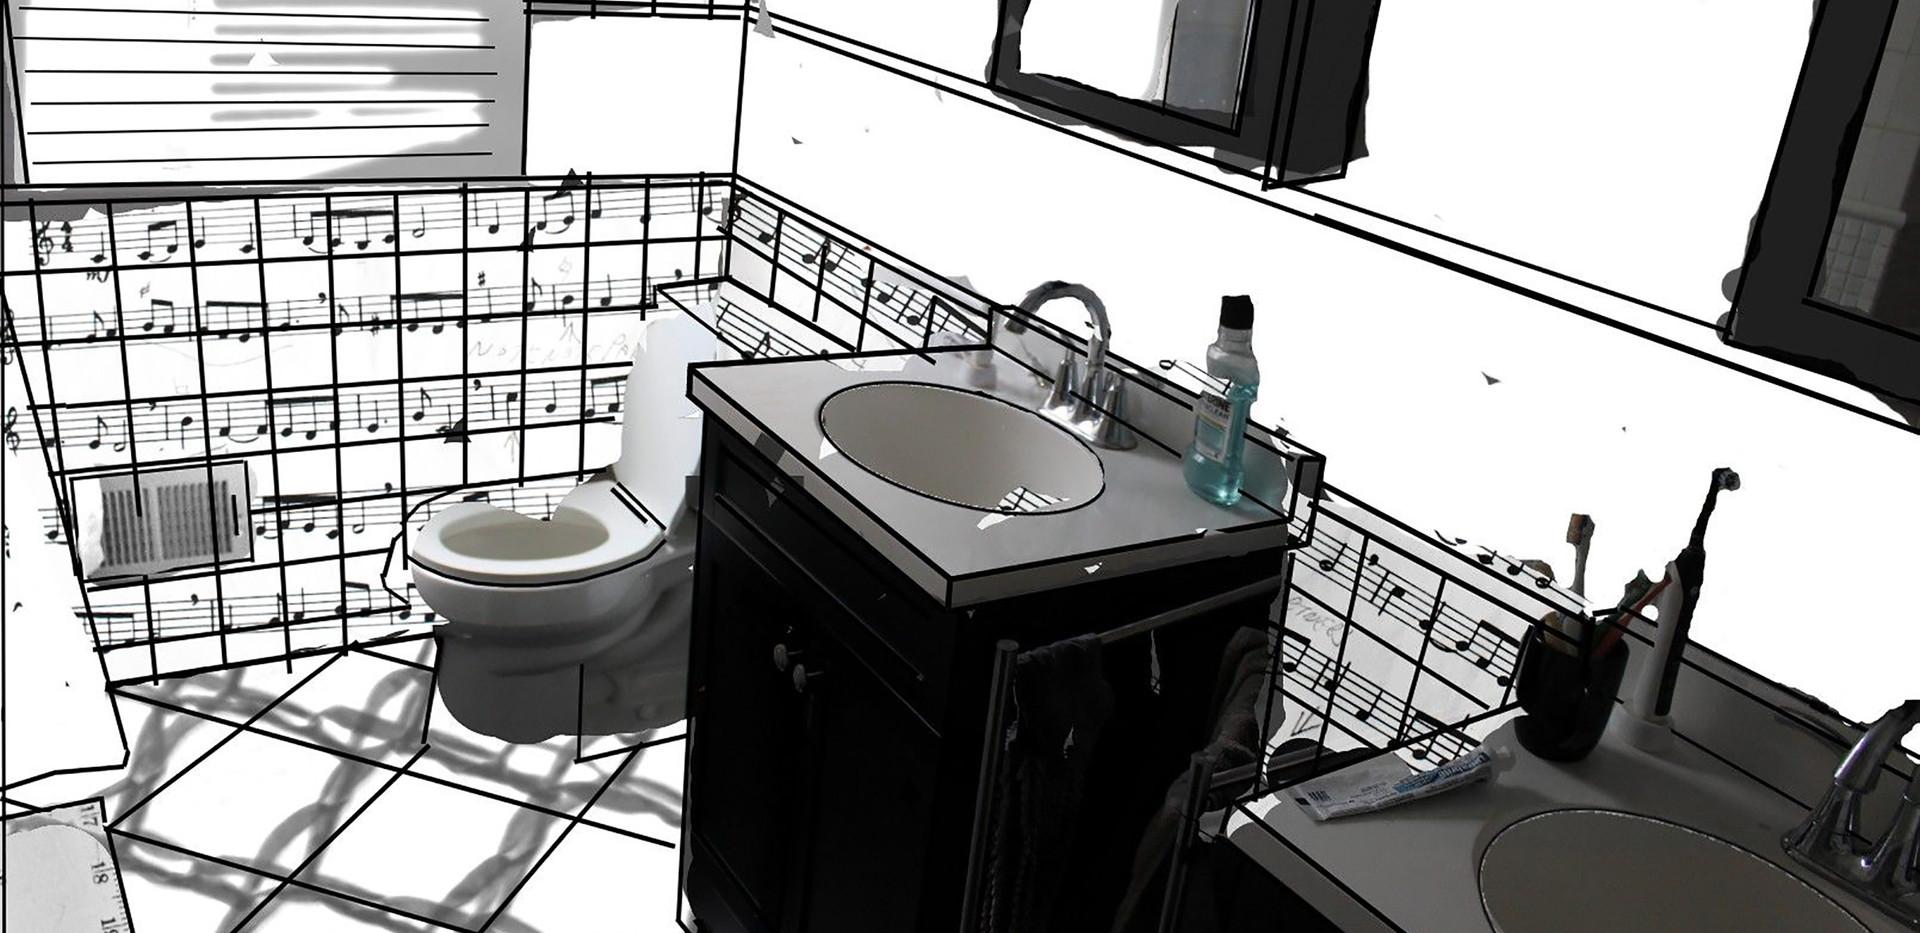 Bathroom Blending